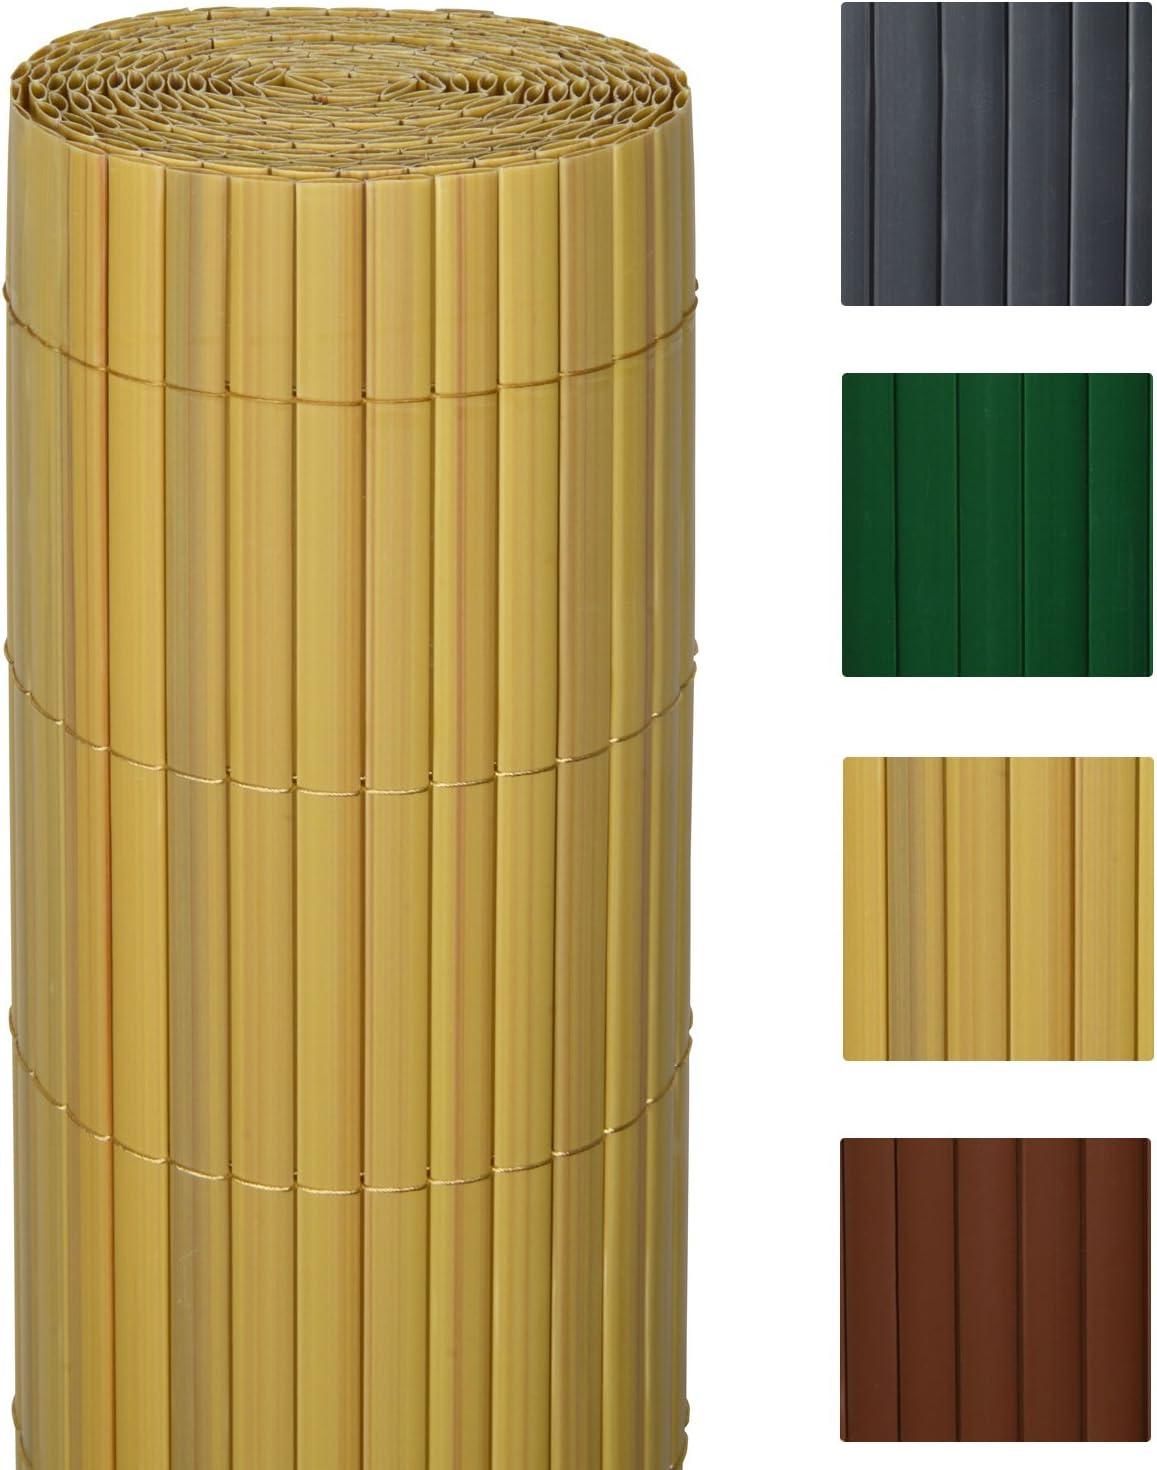 Sol Royal - SolVision Protección Visual de PVC barandillas cercas Vallas de jardín o terraza - 80x400 cm - Natural: Amazon.es: Hogar